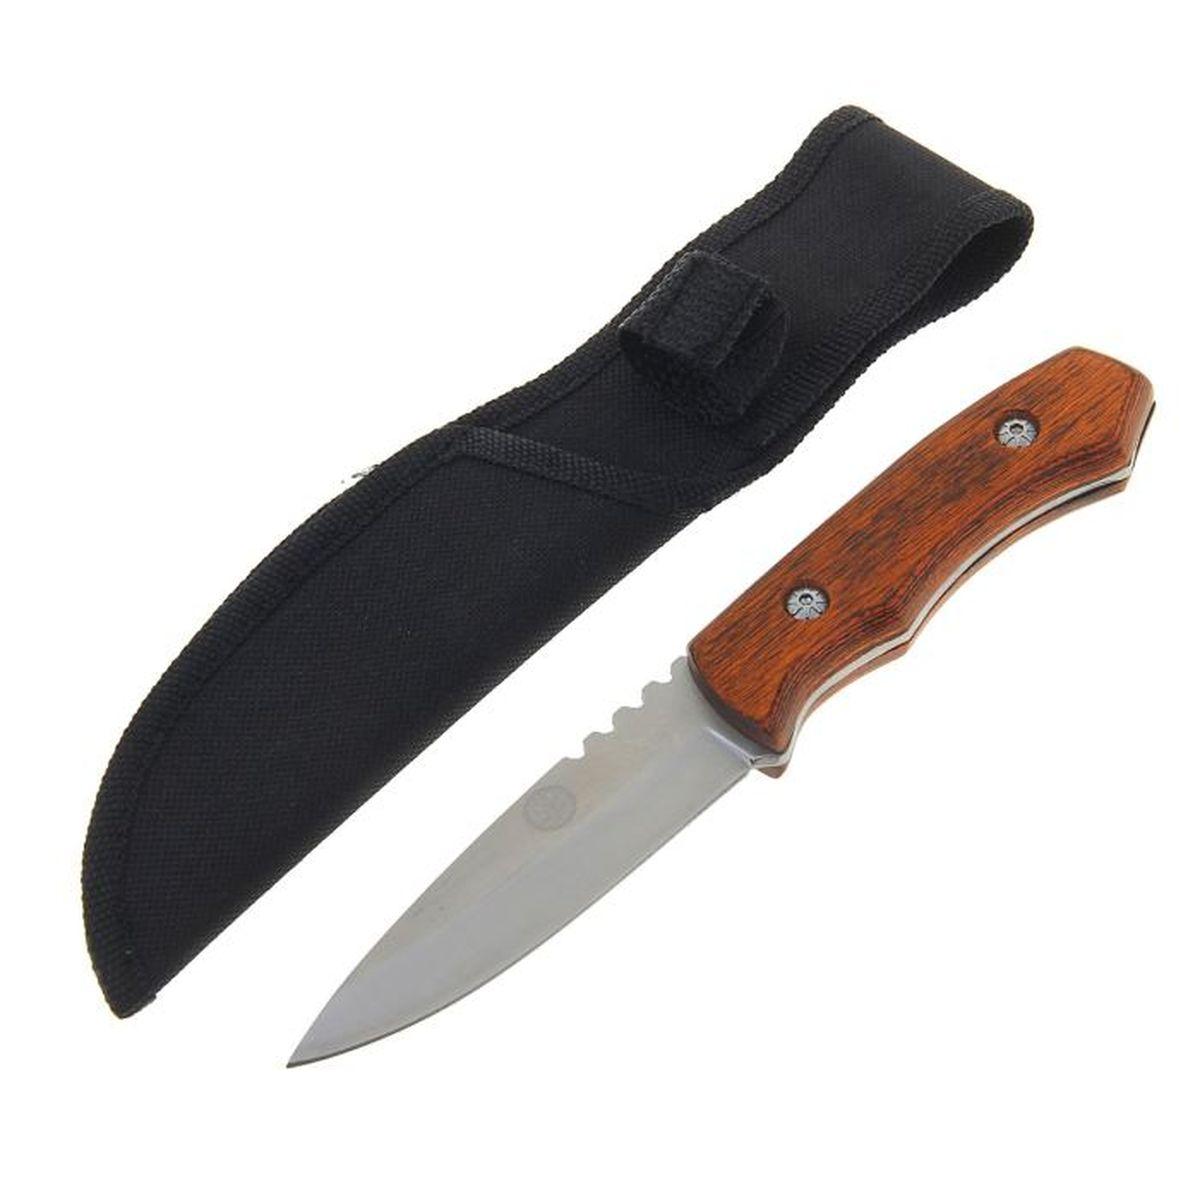 Нож разделочный, длина лезвия 9,8 см, длина рукояти 9,8 см. 12775821277582Нож разделочный, деревянная рукоять коричневая микс, д.л. 9,8 см, д.р. 9,8 см - уникальный товар, который не оставит вас равнодушным! Ведь это редкое сочетание достойного качества и приемлемой цены